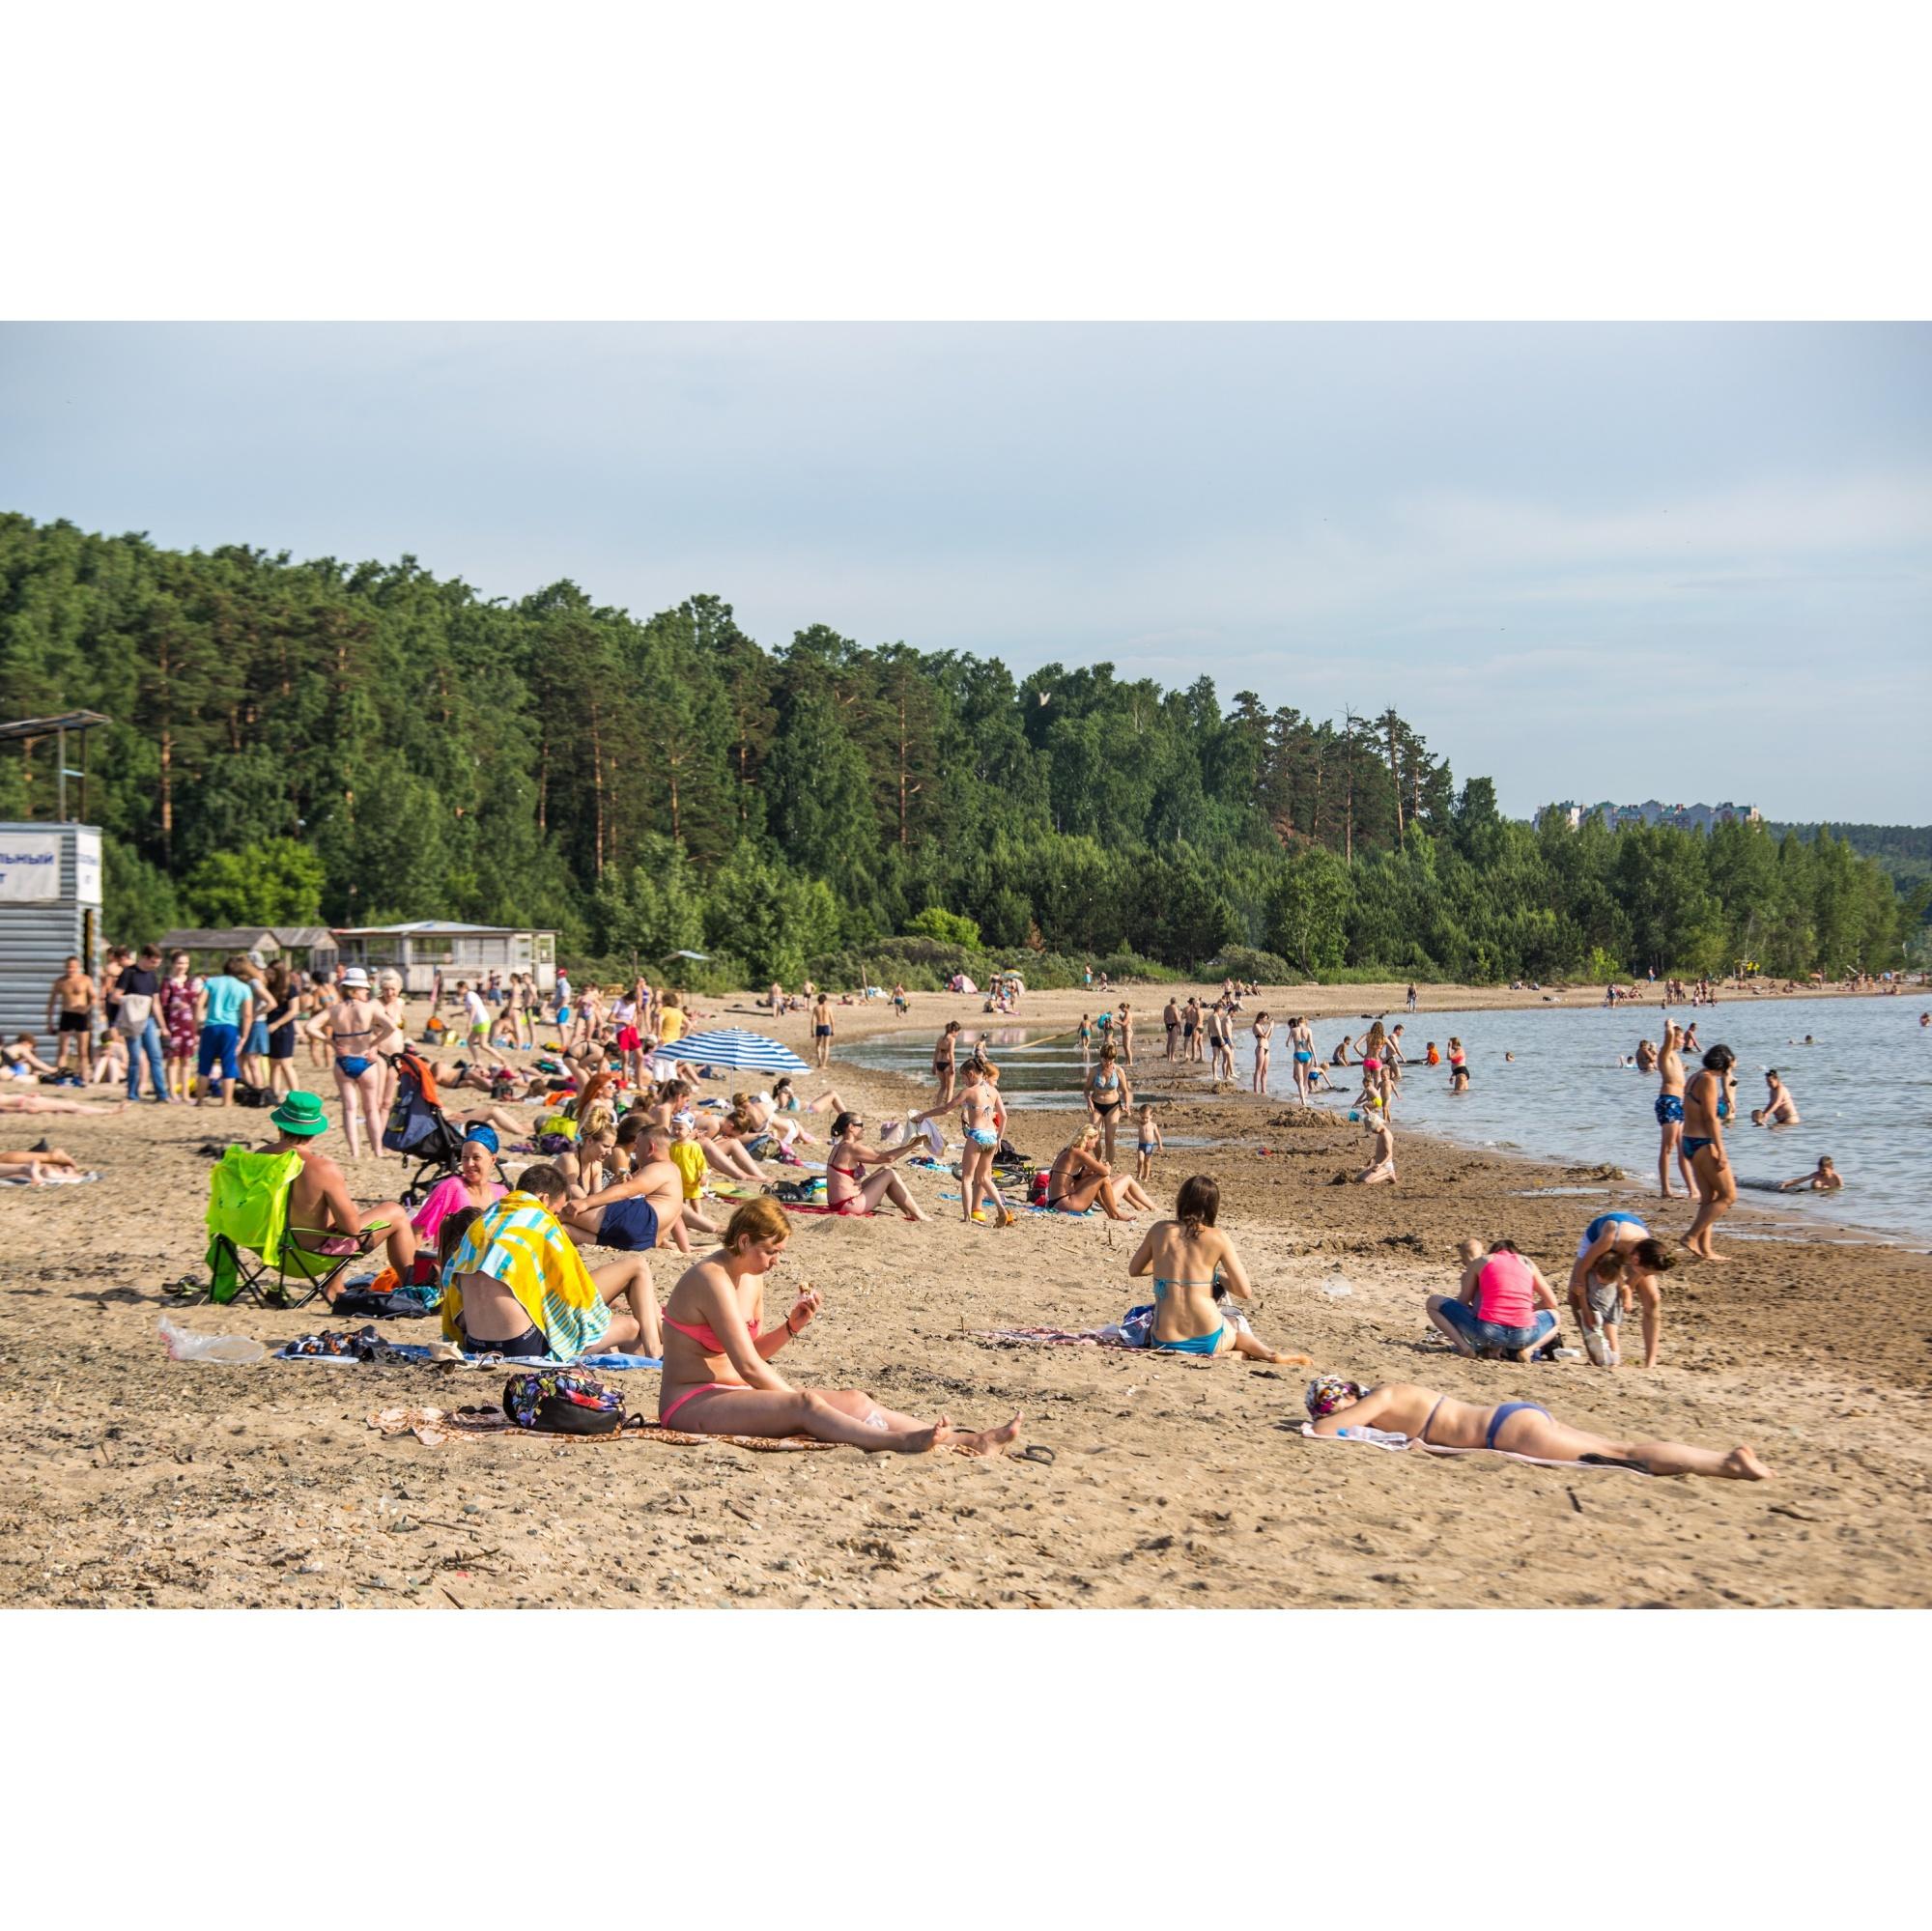 Несмотря на критику, в жаркий день на новосибирских пляжах много людей